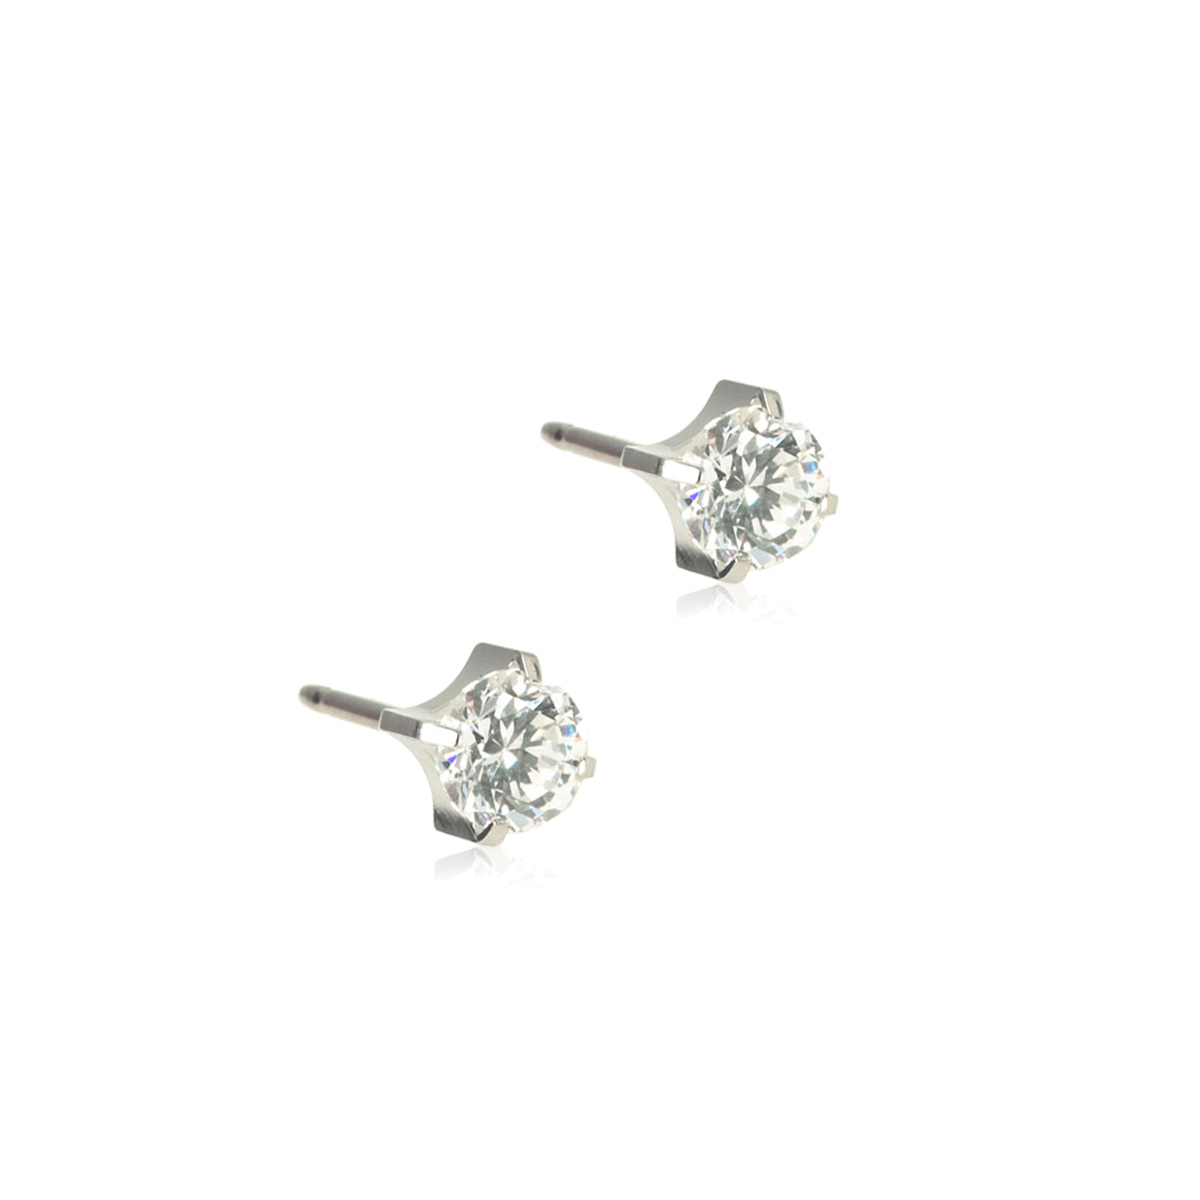 tiffany-earrings-silver